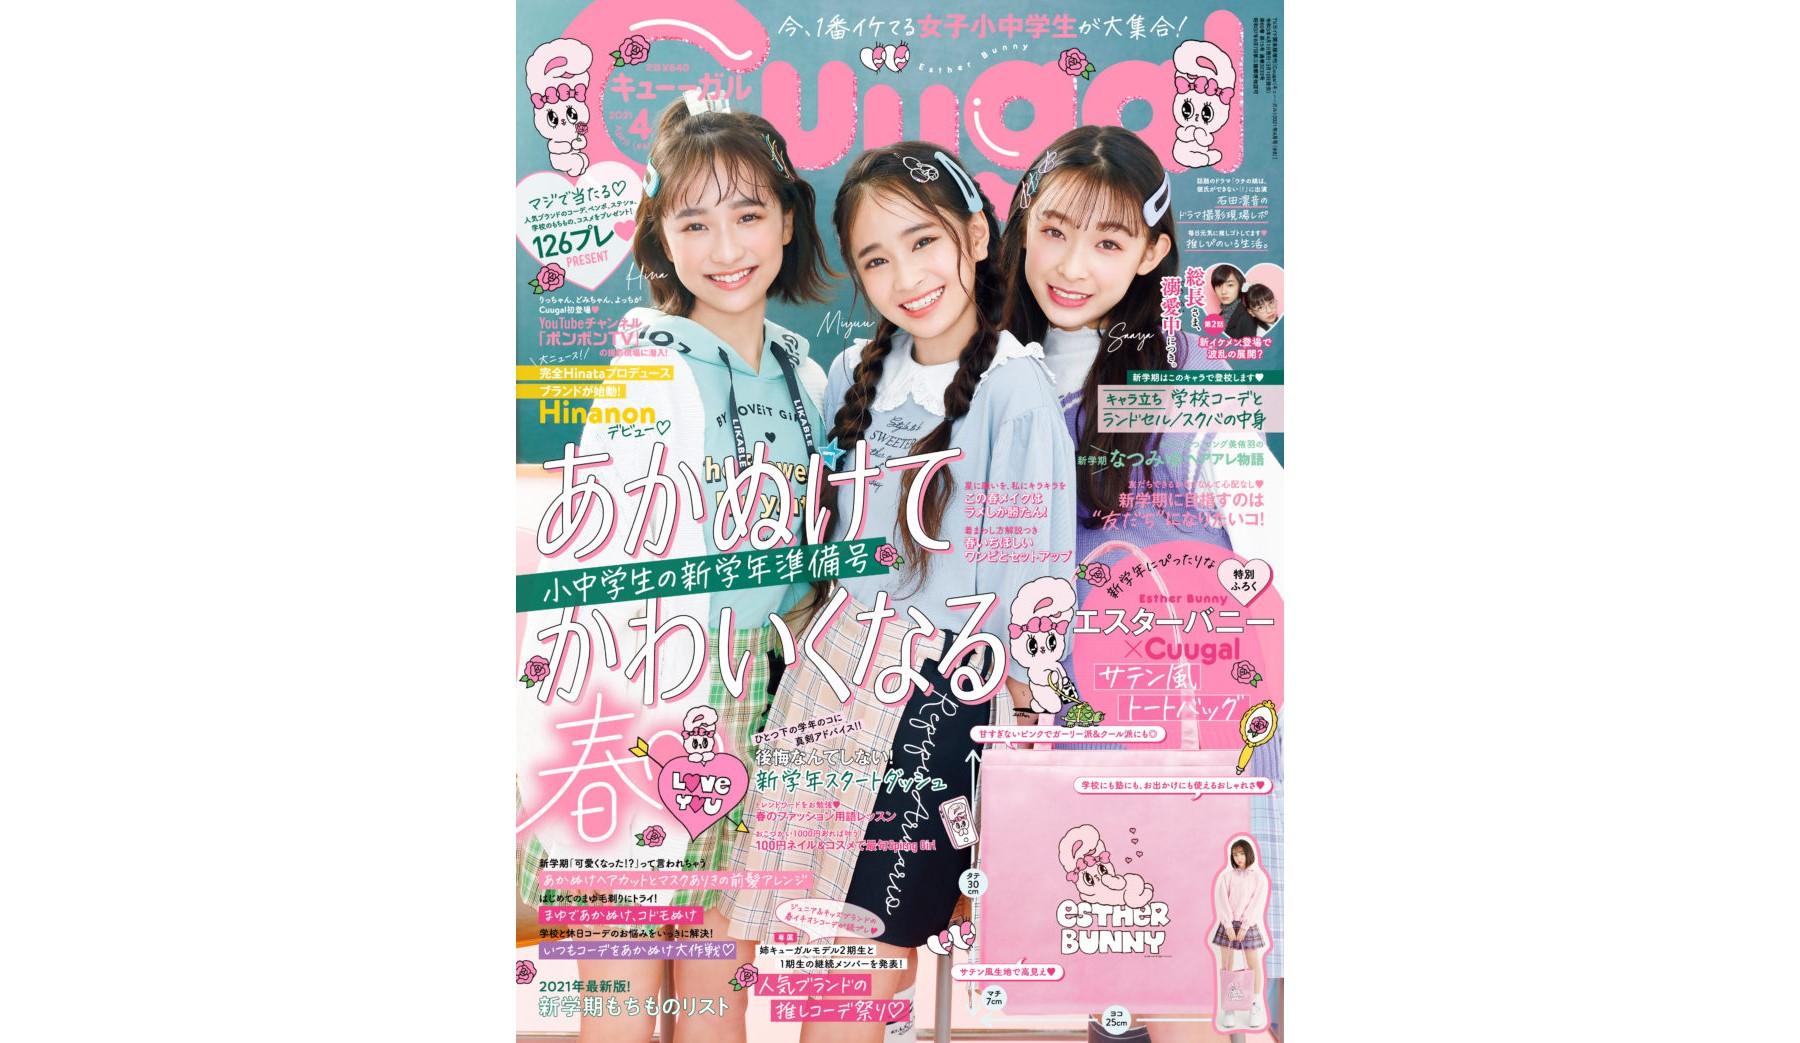 【メディア掲載情報】女子小中学生向け雑誌「Cuugal(キューーガル)」4月号にdevirock商品が掲載されました。